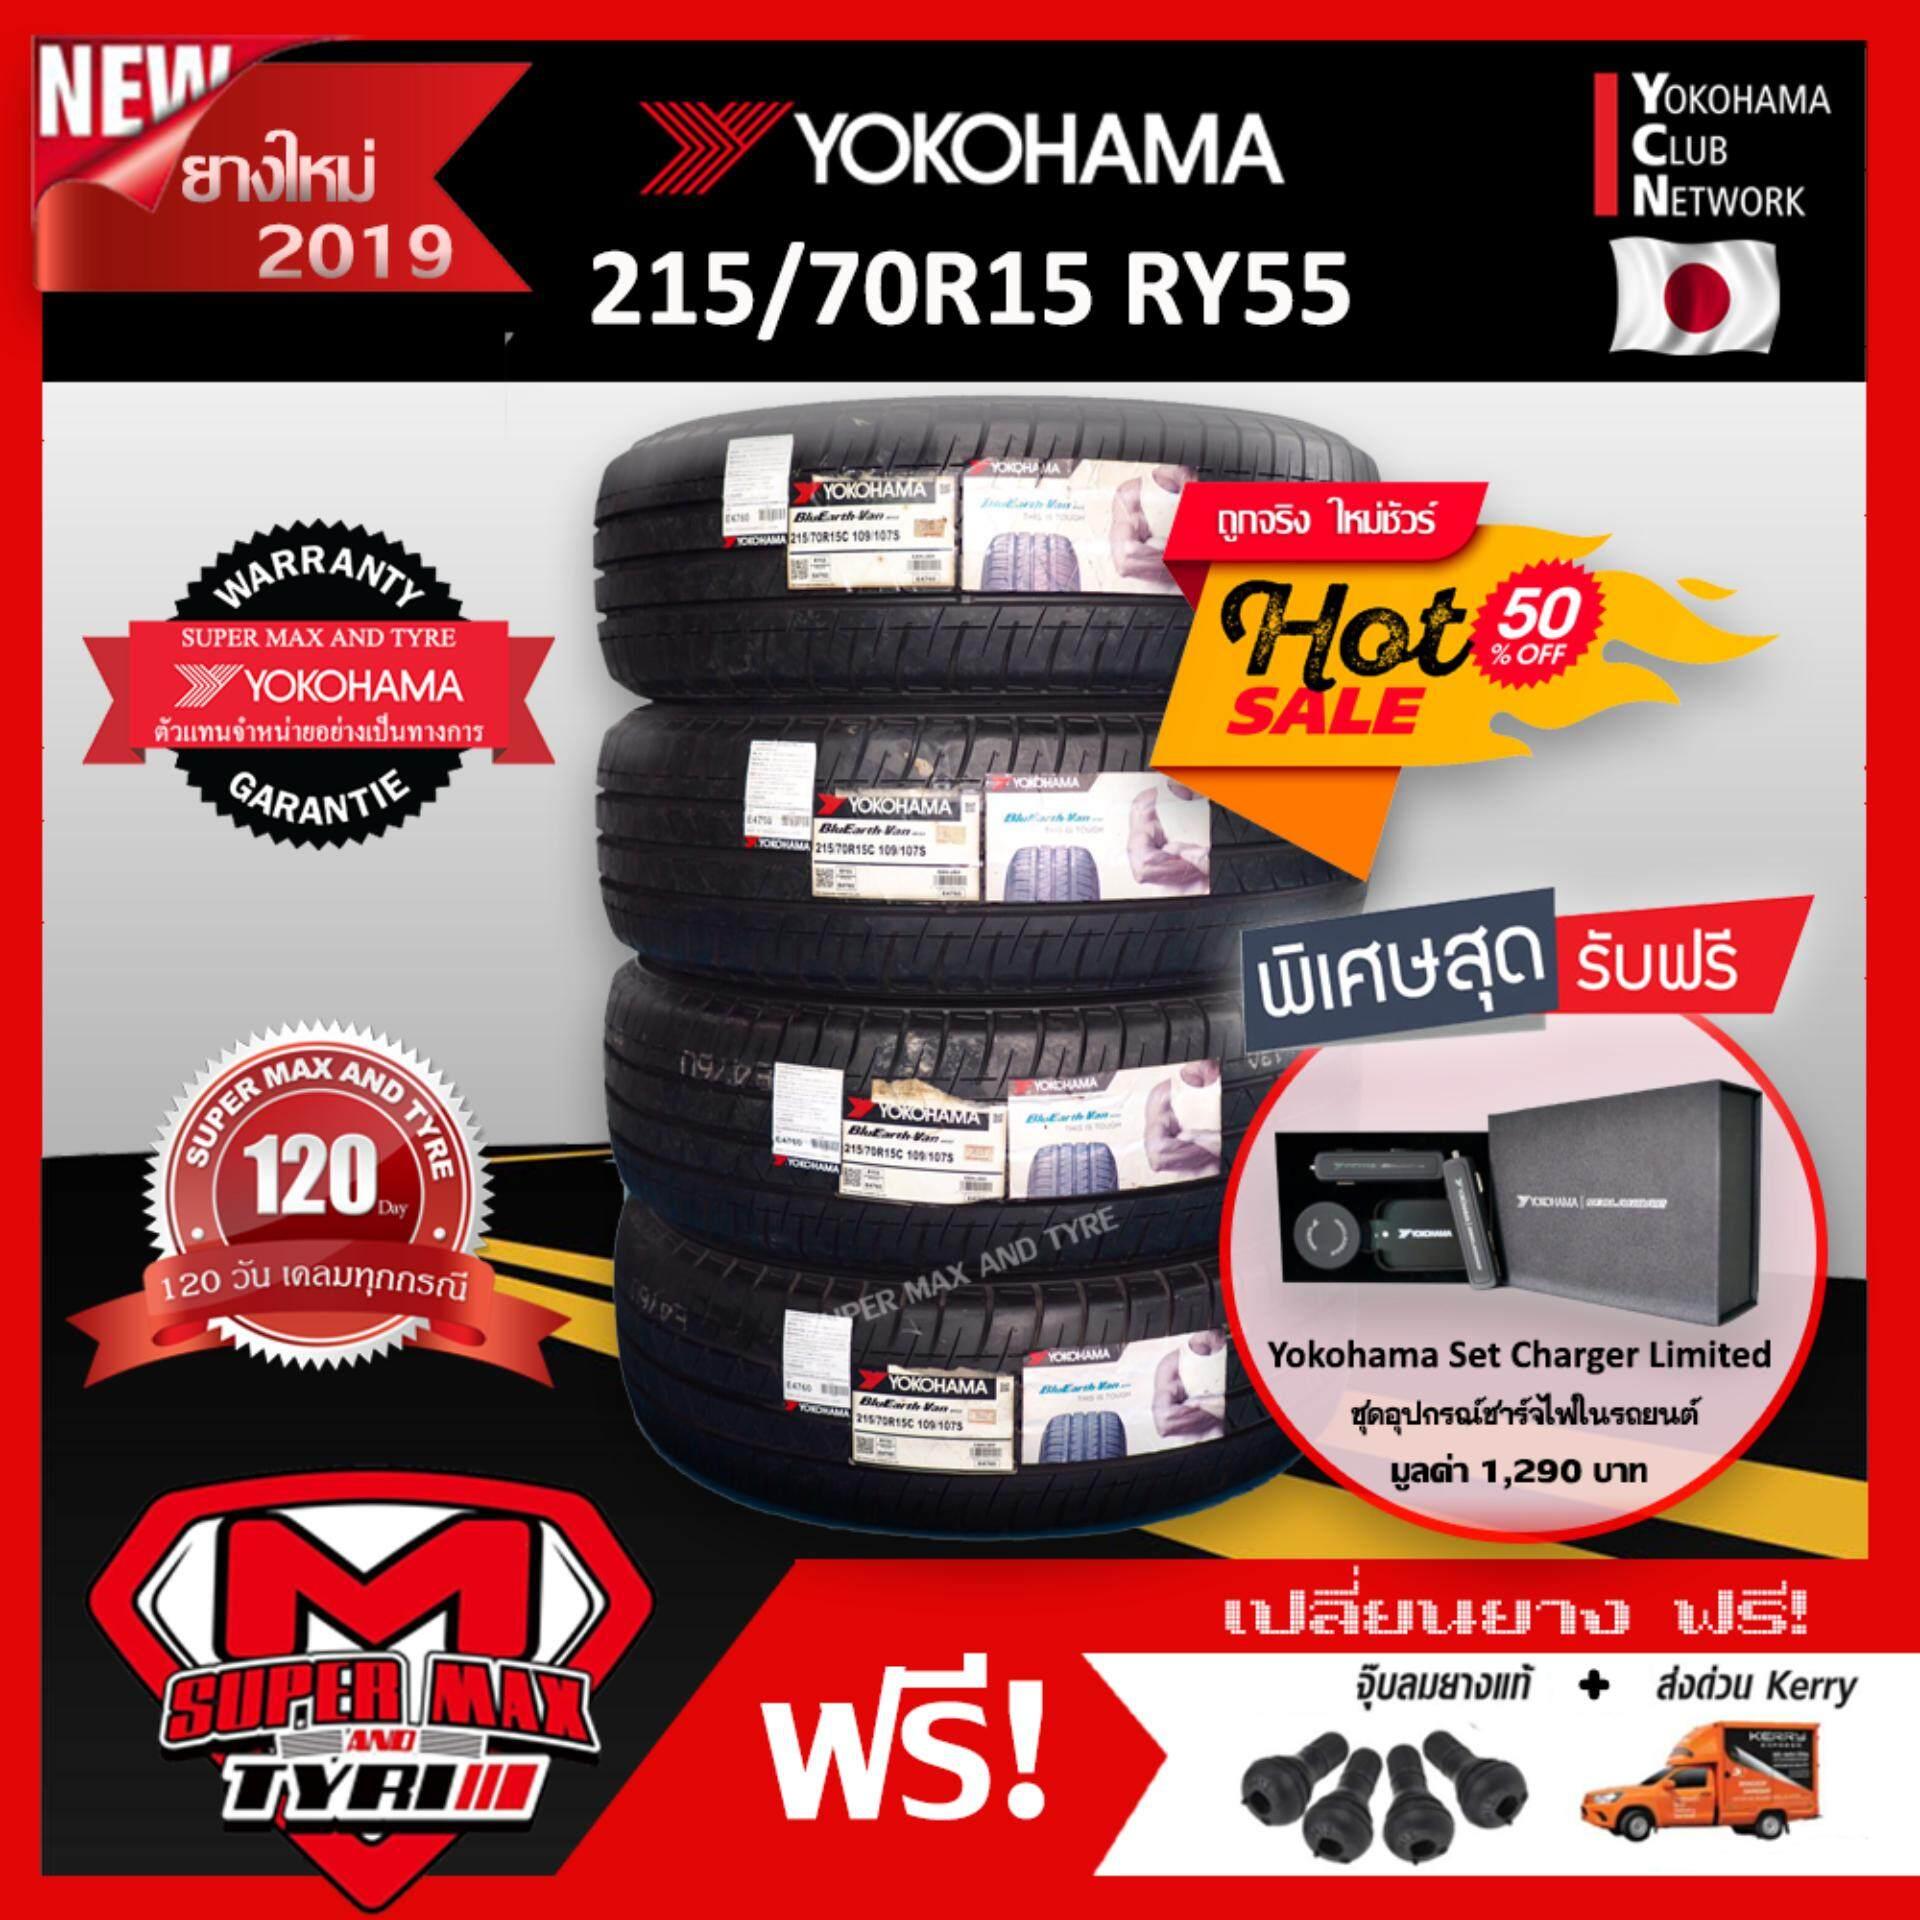 น่าน [จัดส่งฟรี] 4 เส้นราคาสุดคุ้ม Yokohama 215/70 R15 (ขอบ15) ยางรถยนต์ รุ่น BluEarth-VAN RY55  ยางใหม่ 2019 จำนวน 4 เส้น